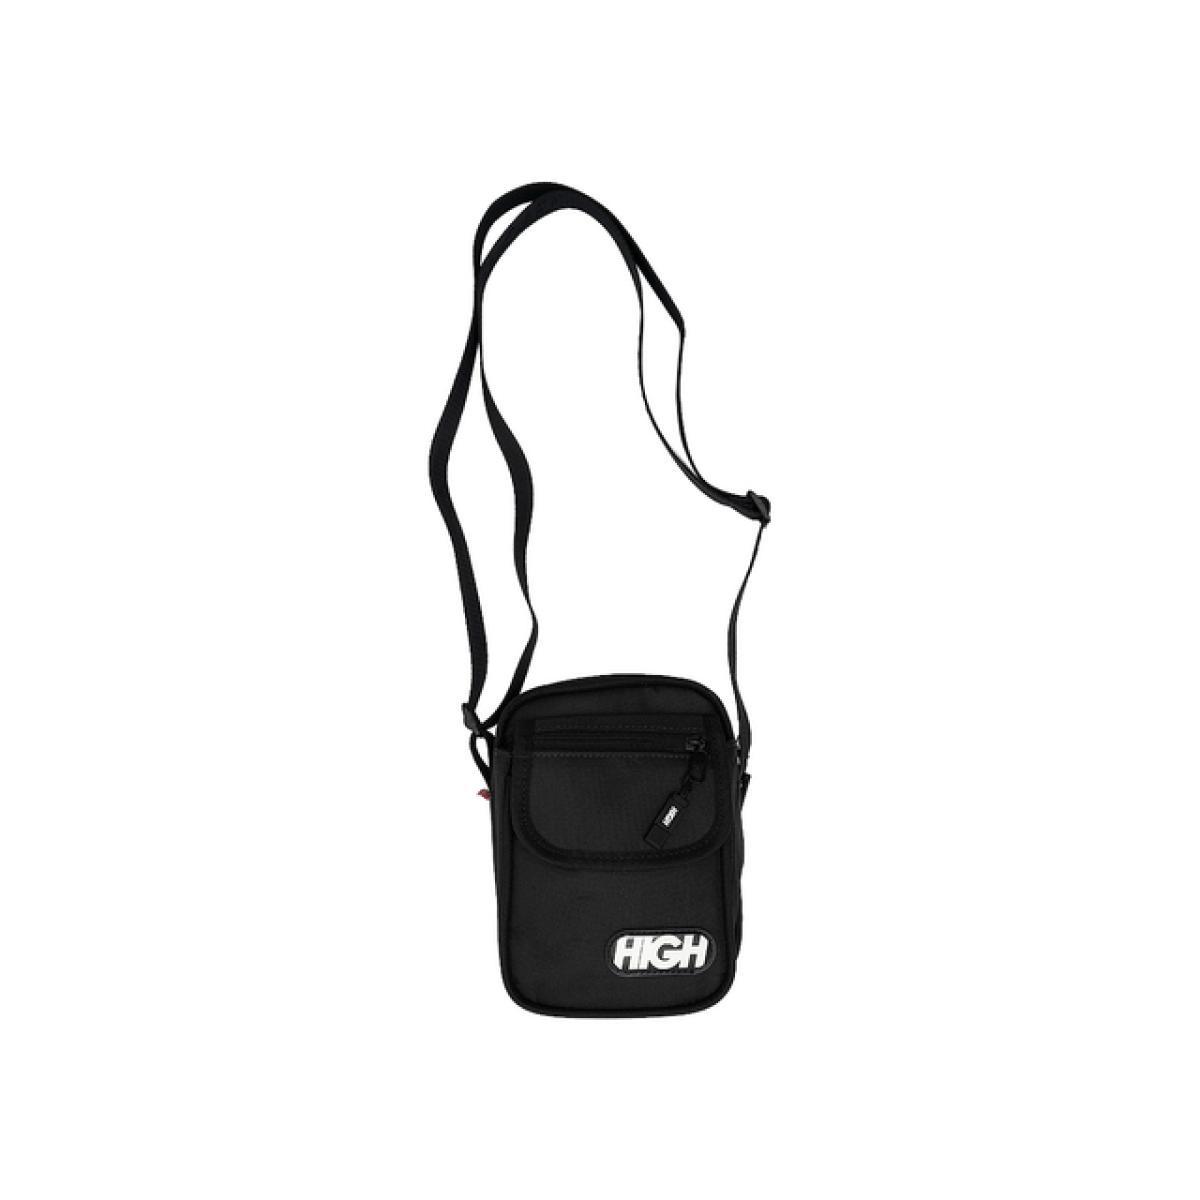 Shoulder bag logo black high